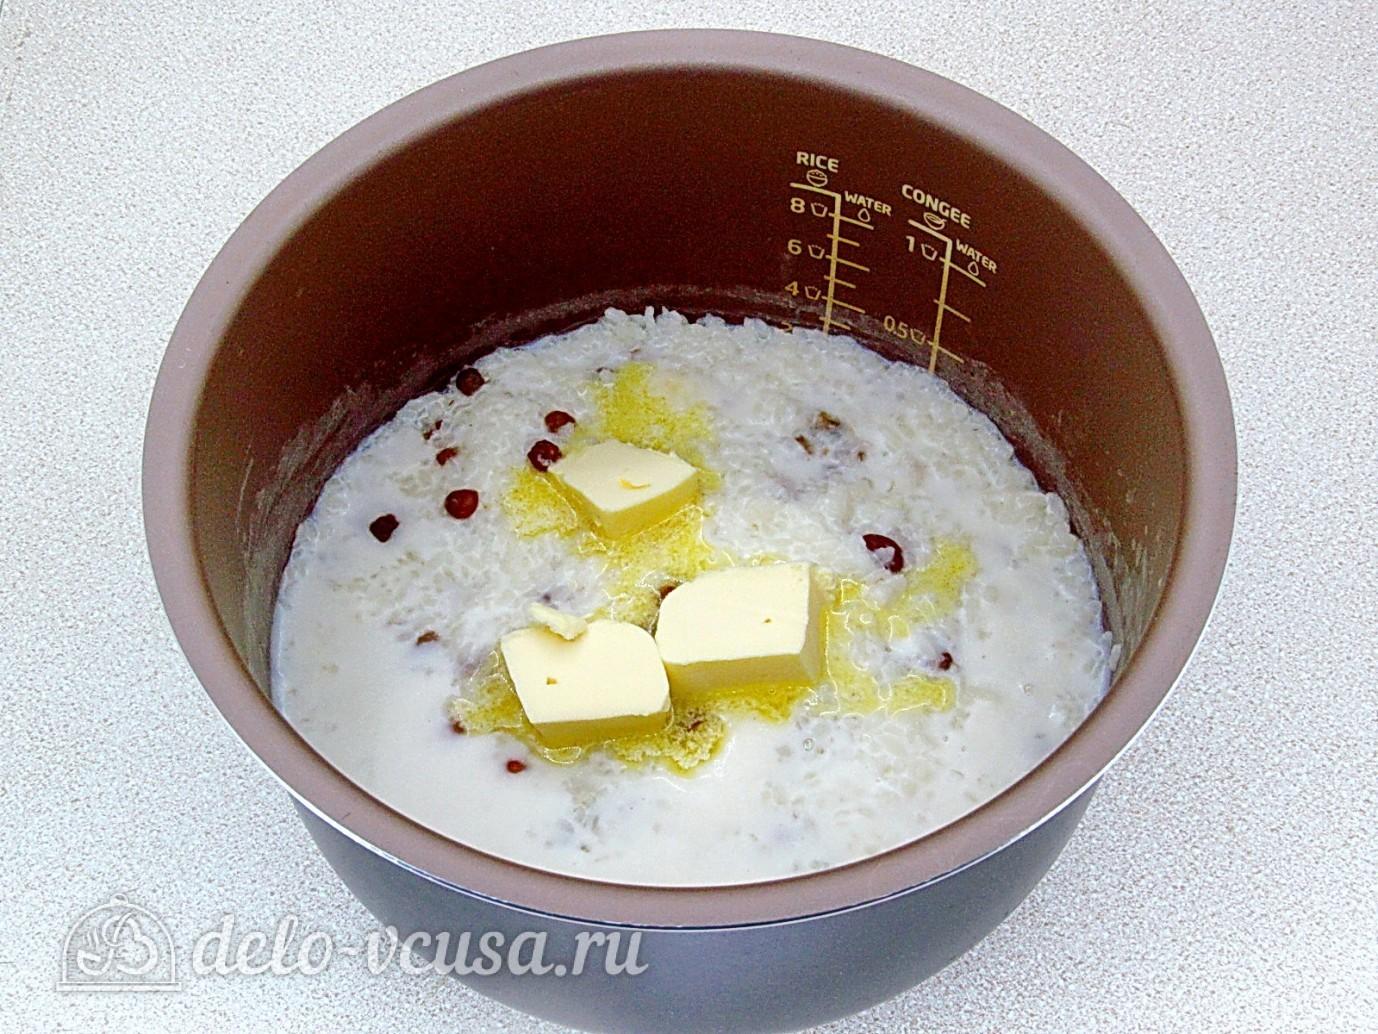 Каша рисовая с изюмом на молоке рецепт пошагово